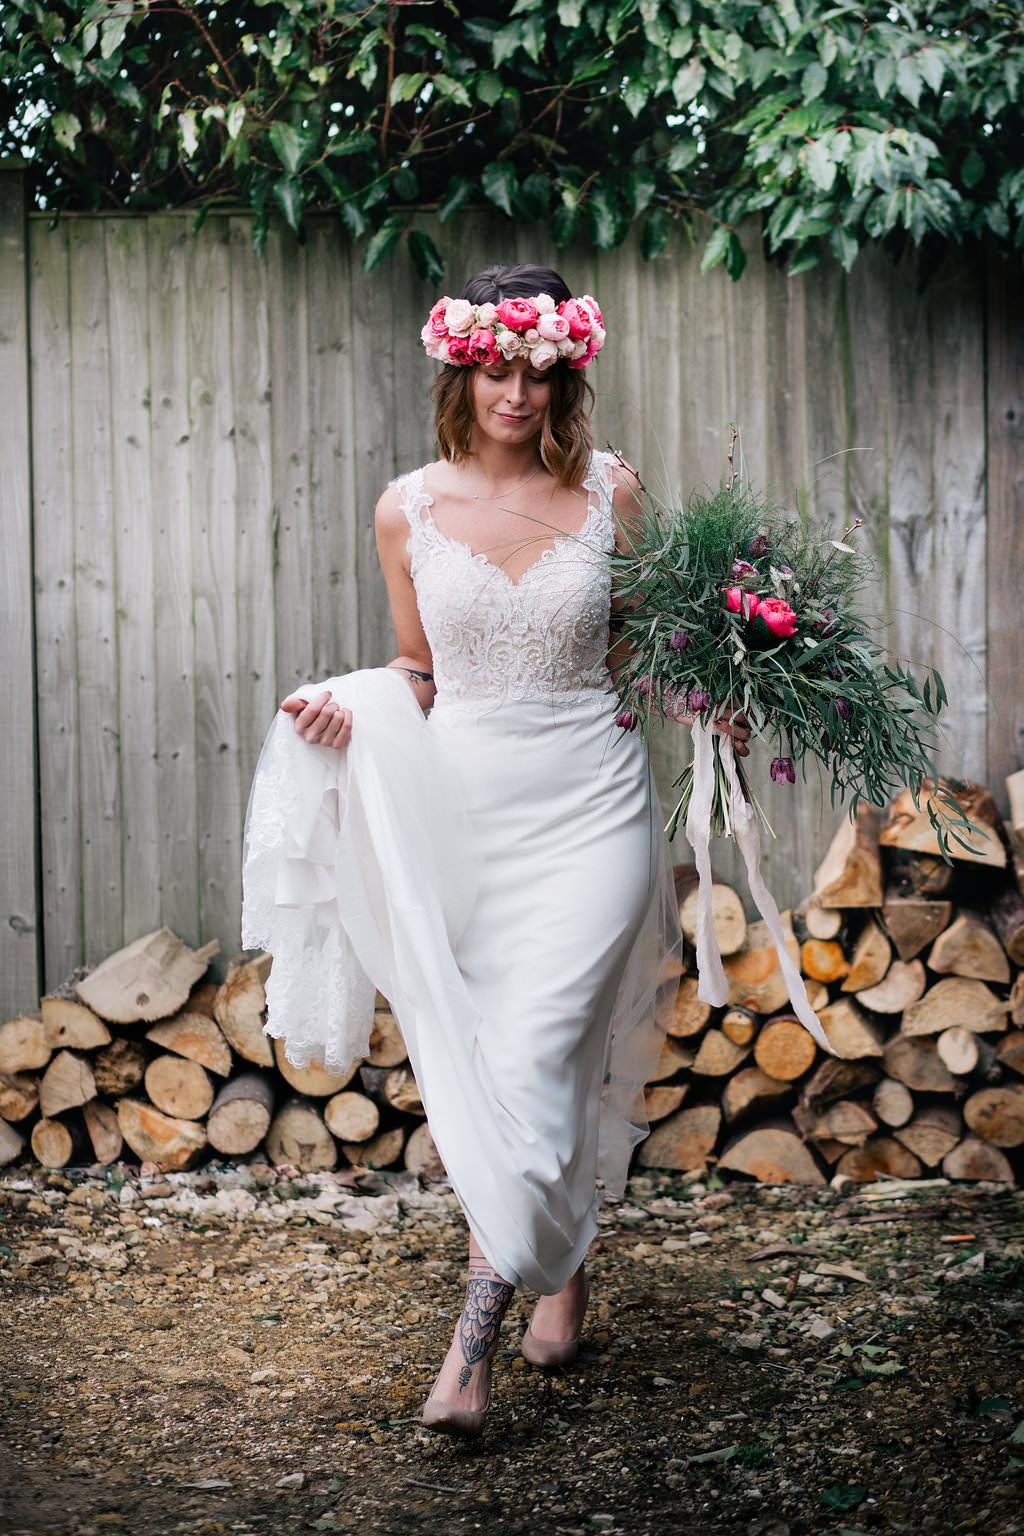 Dress Gown Bride Bridal Lace Straps Train Lapstone Barn Wedding Ideas Cotswolds Katie Hamilton Photography